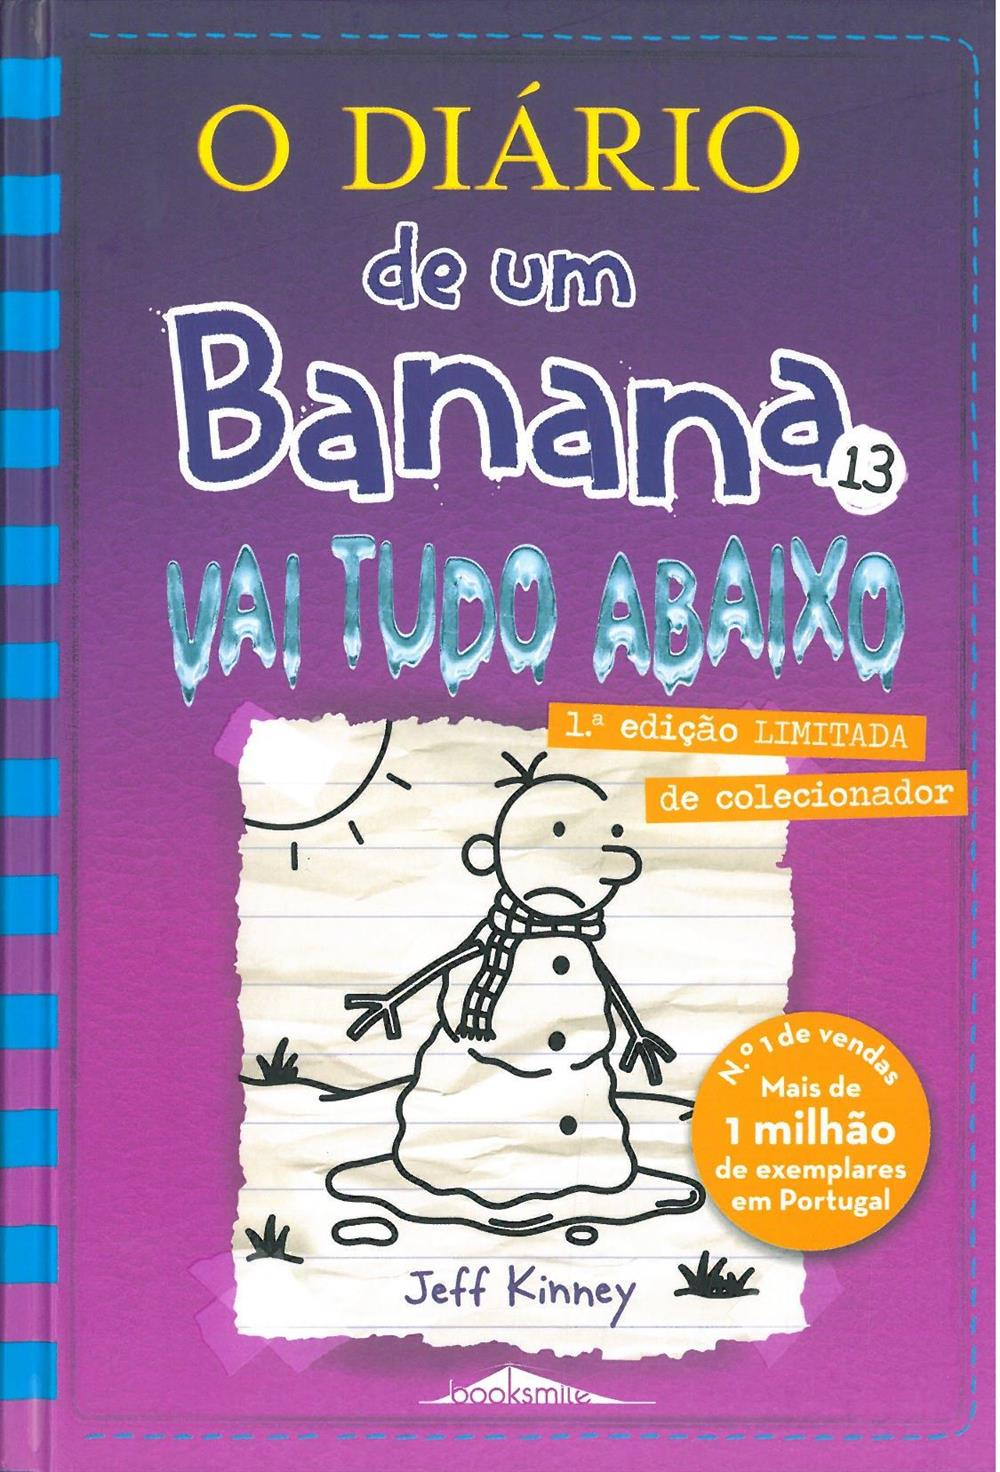 O diário de um banana 13 : vai tudo abaixo.jpg